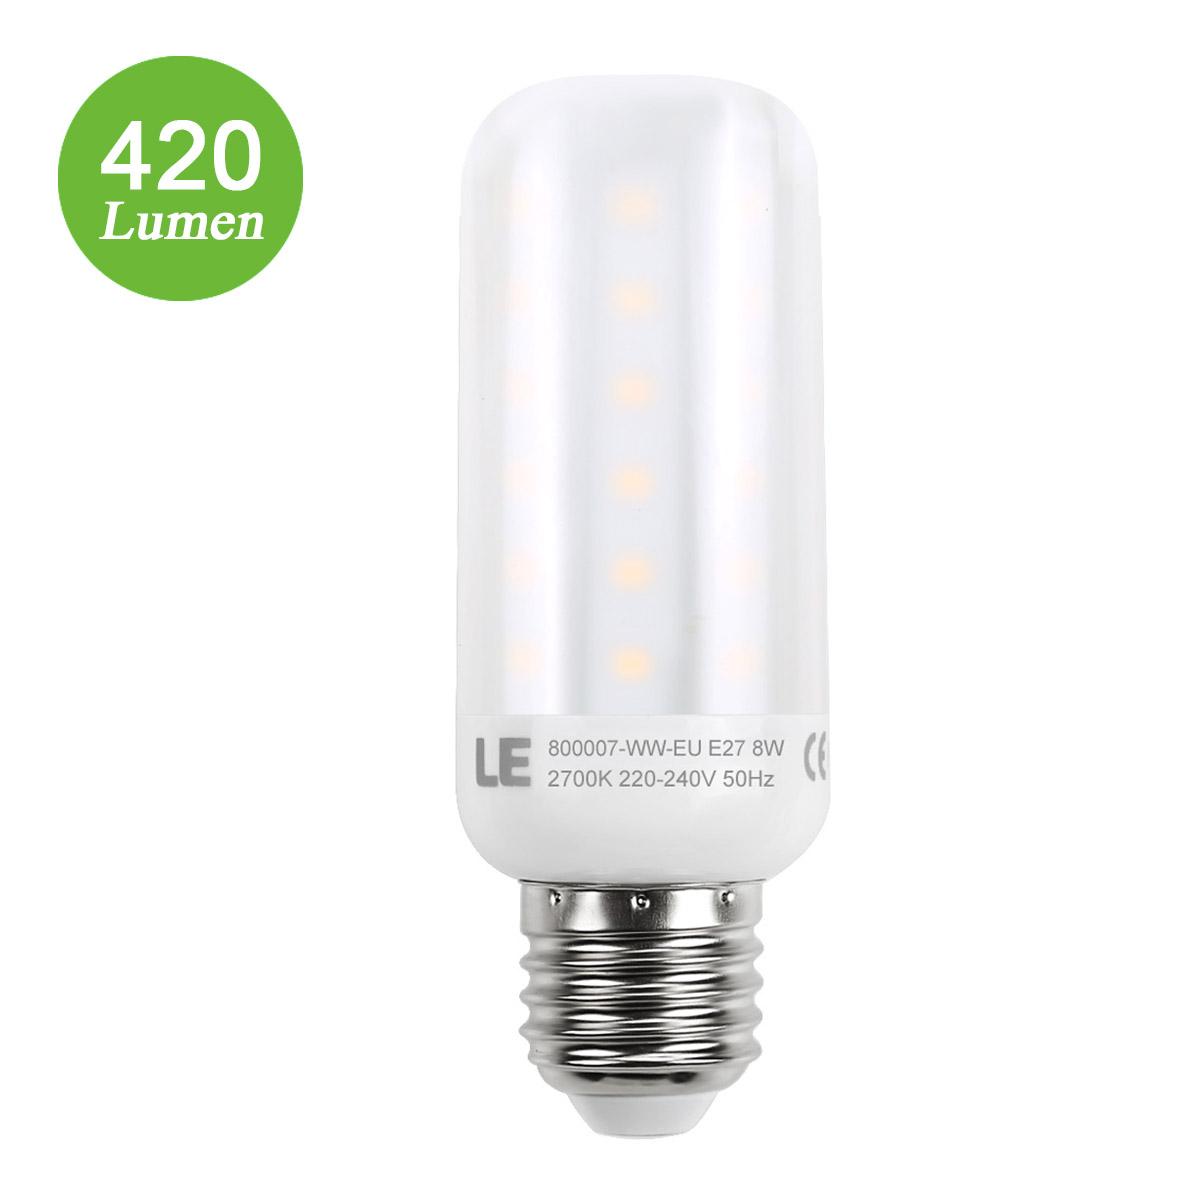 4,5W E27 LED Maiskolben, 420lm Maisbirne, 360° Strahler, Entspricht 40W Glühbirnen, Warmweiß